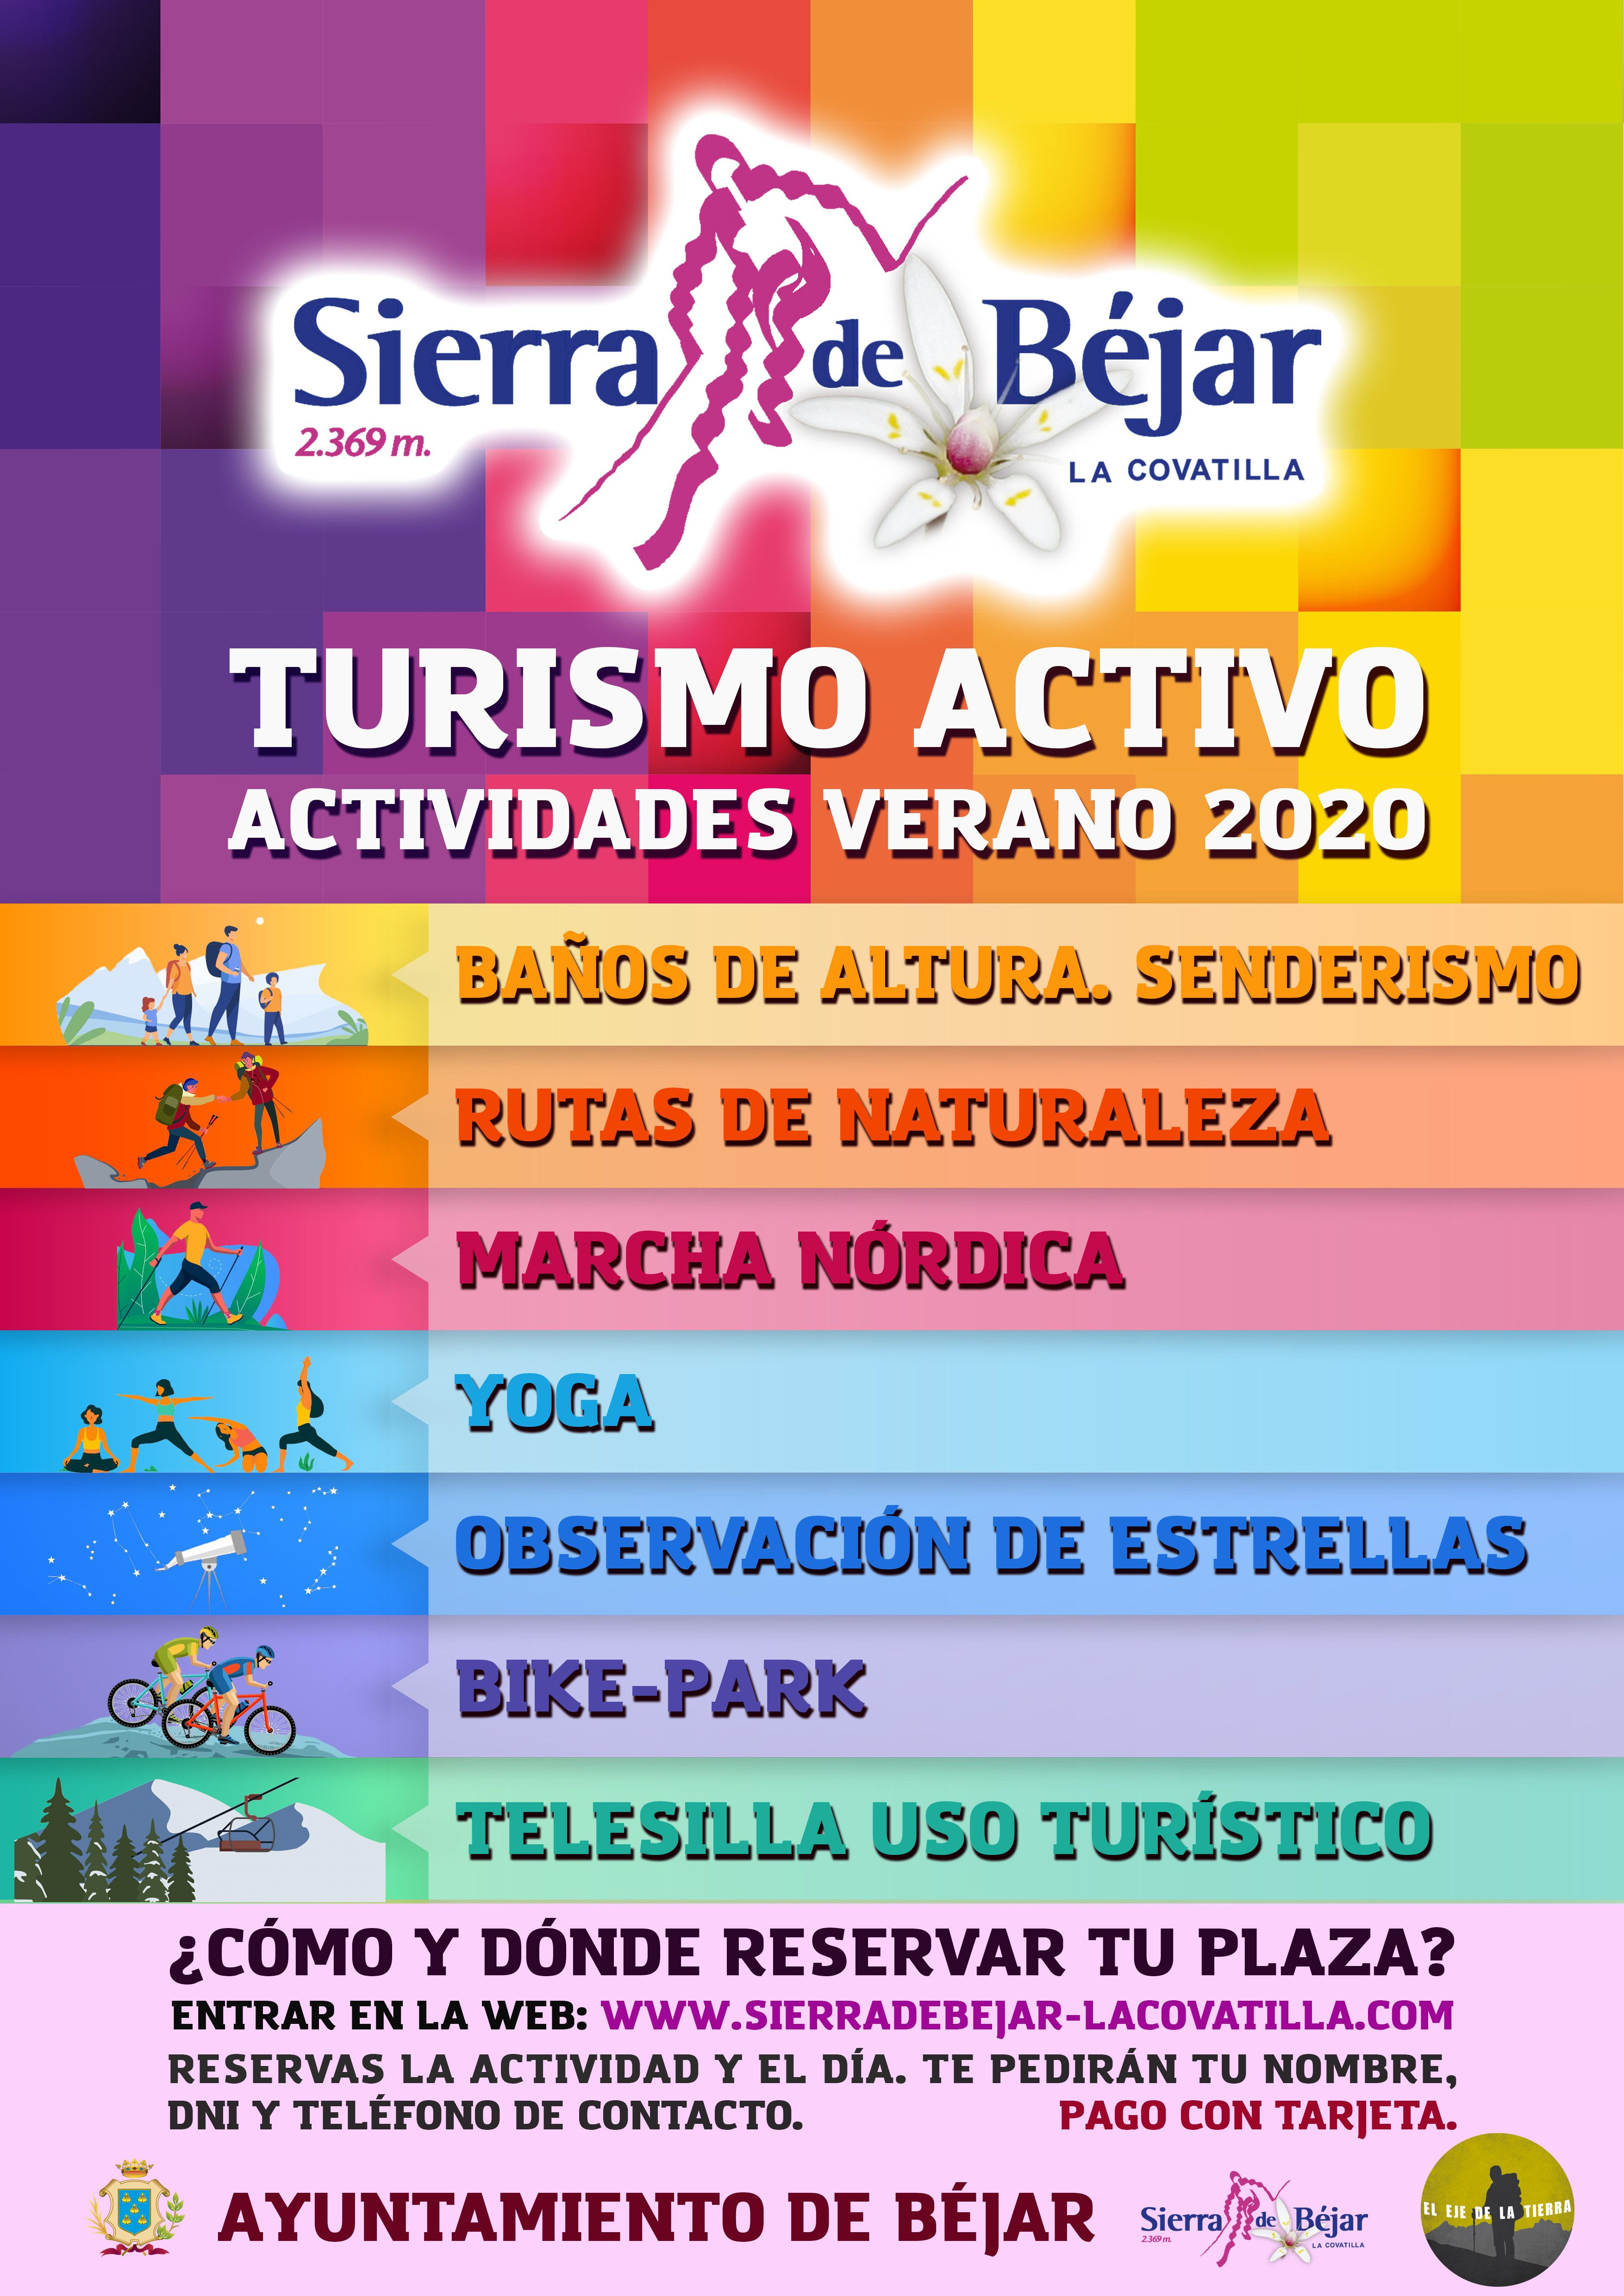 Covatilla verano 2020 (1)